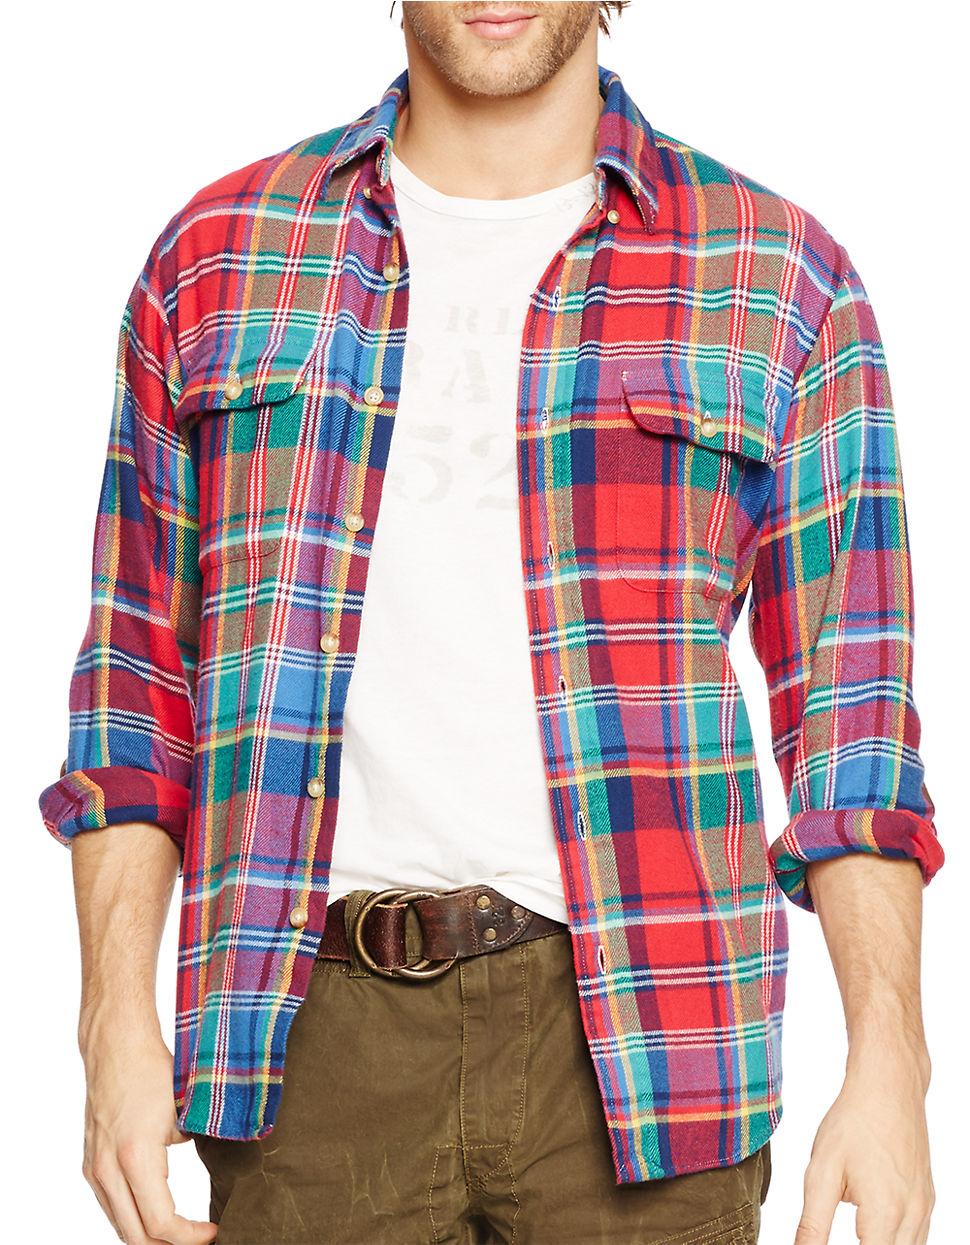 Polo ralph lauren plaid button down shirt in red for men for Polo ralph lauren casual button down shirts